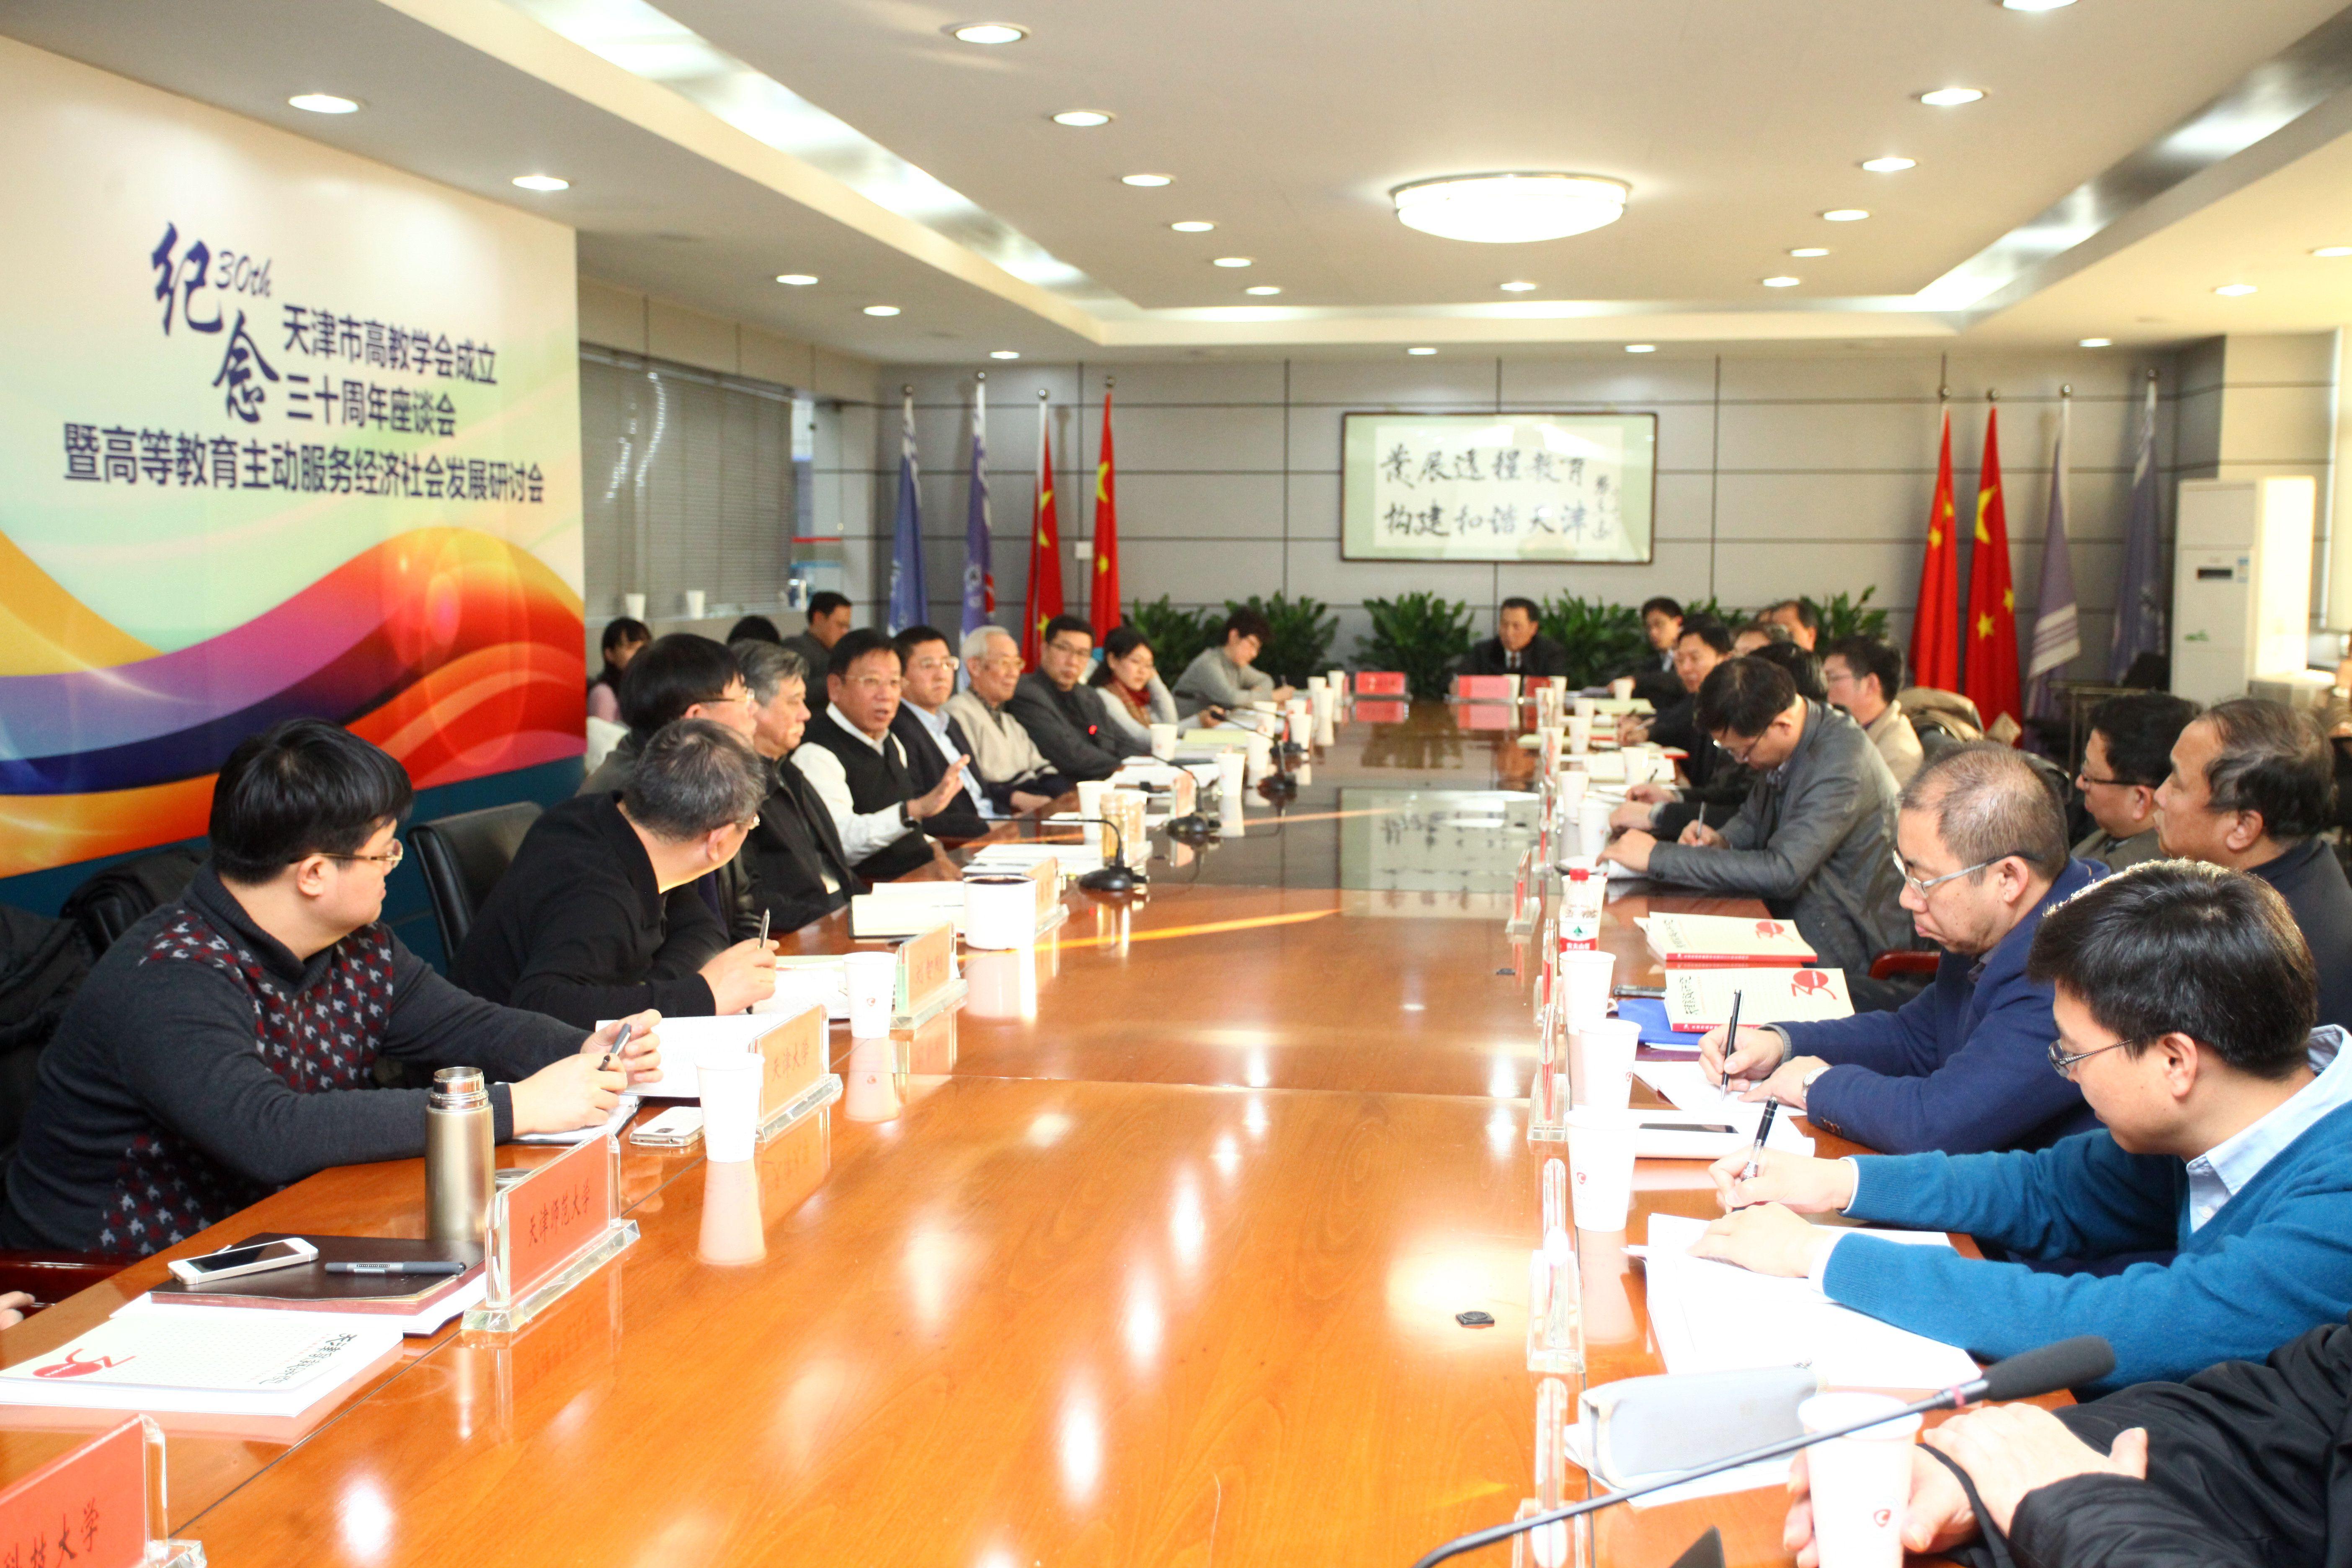 天津市高等教育学会成立30 周年座谈会